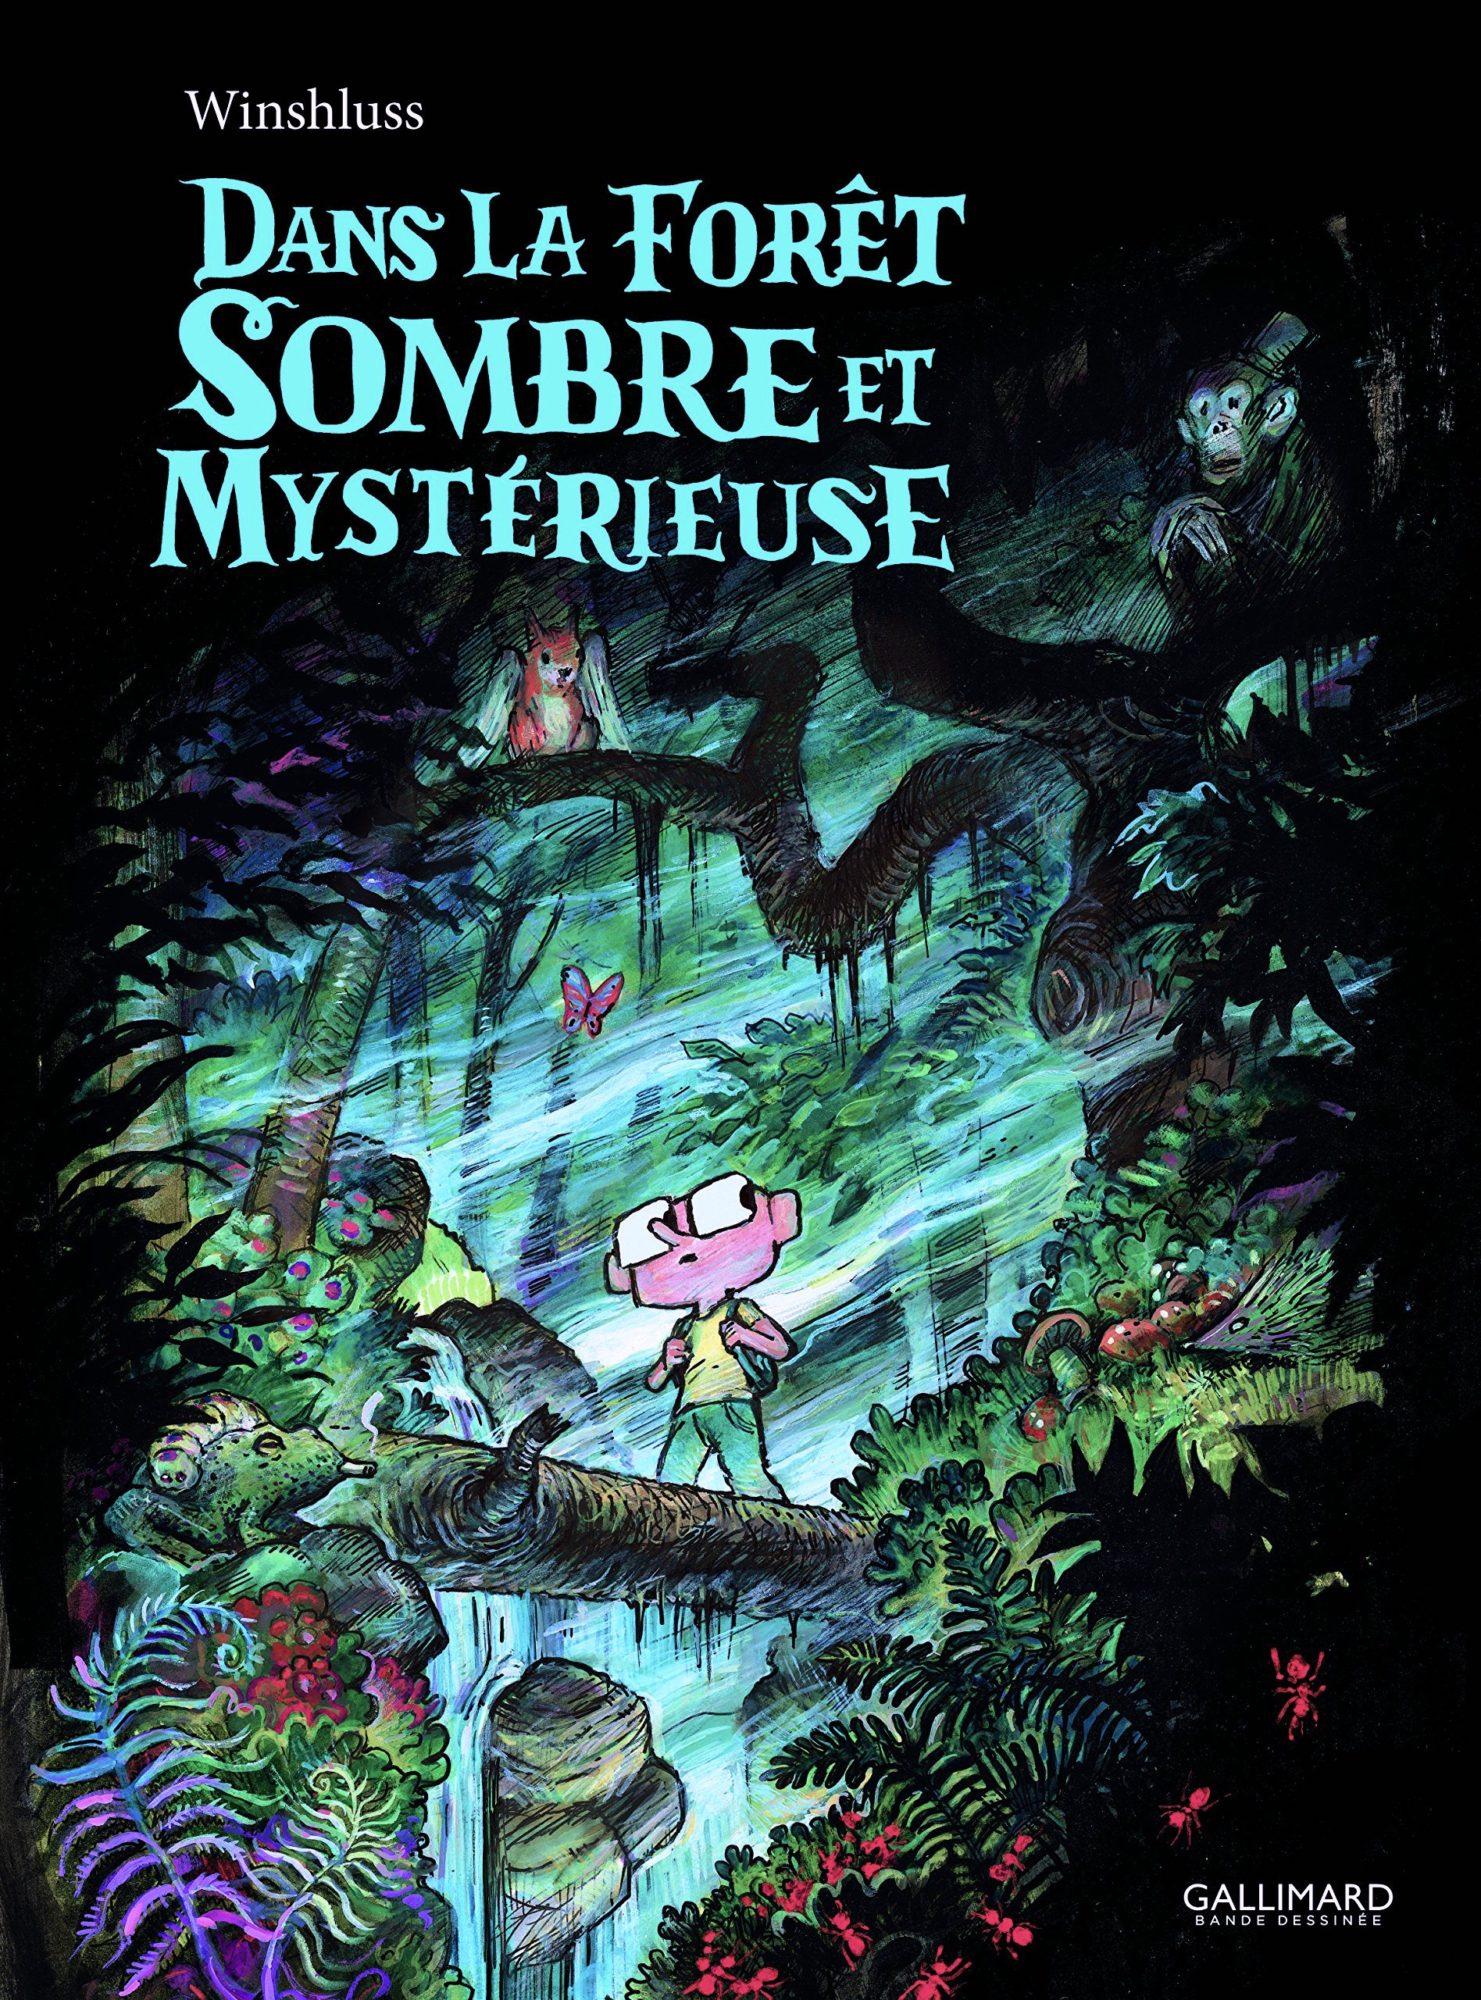 Dans la Forêt sombre et mystérieuse - Galerie Georges-Philippe & Nathalie Vallois